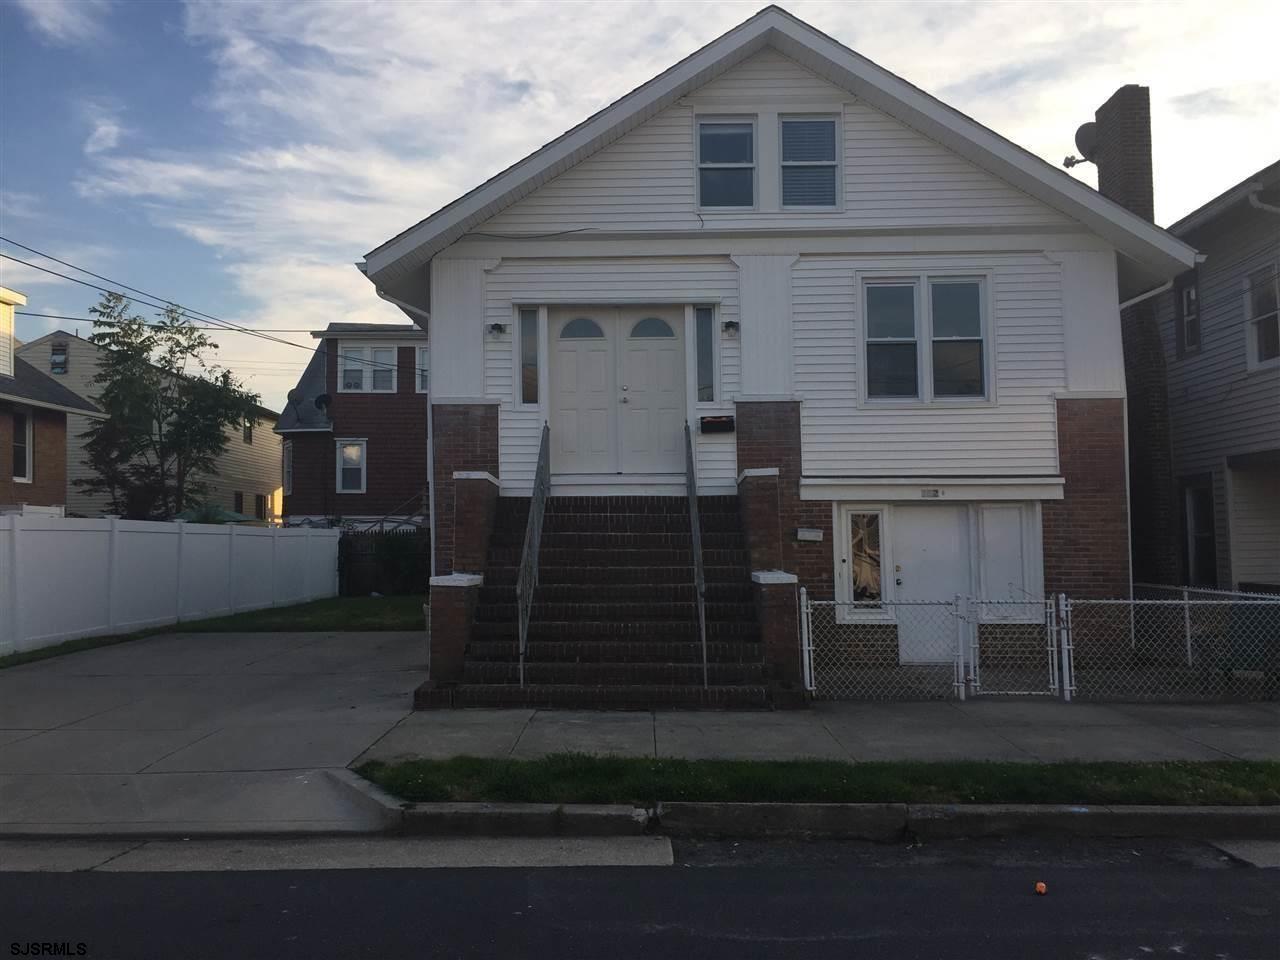 112 N Harvard Ave, Ventnor, NJ 08406